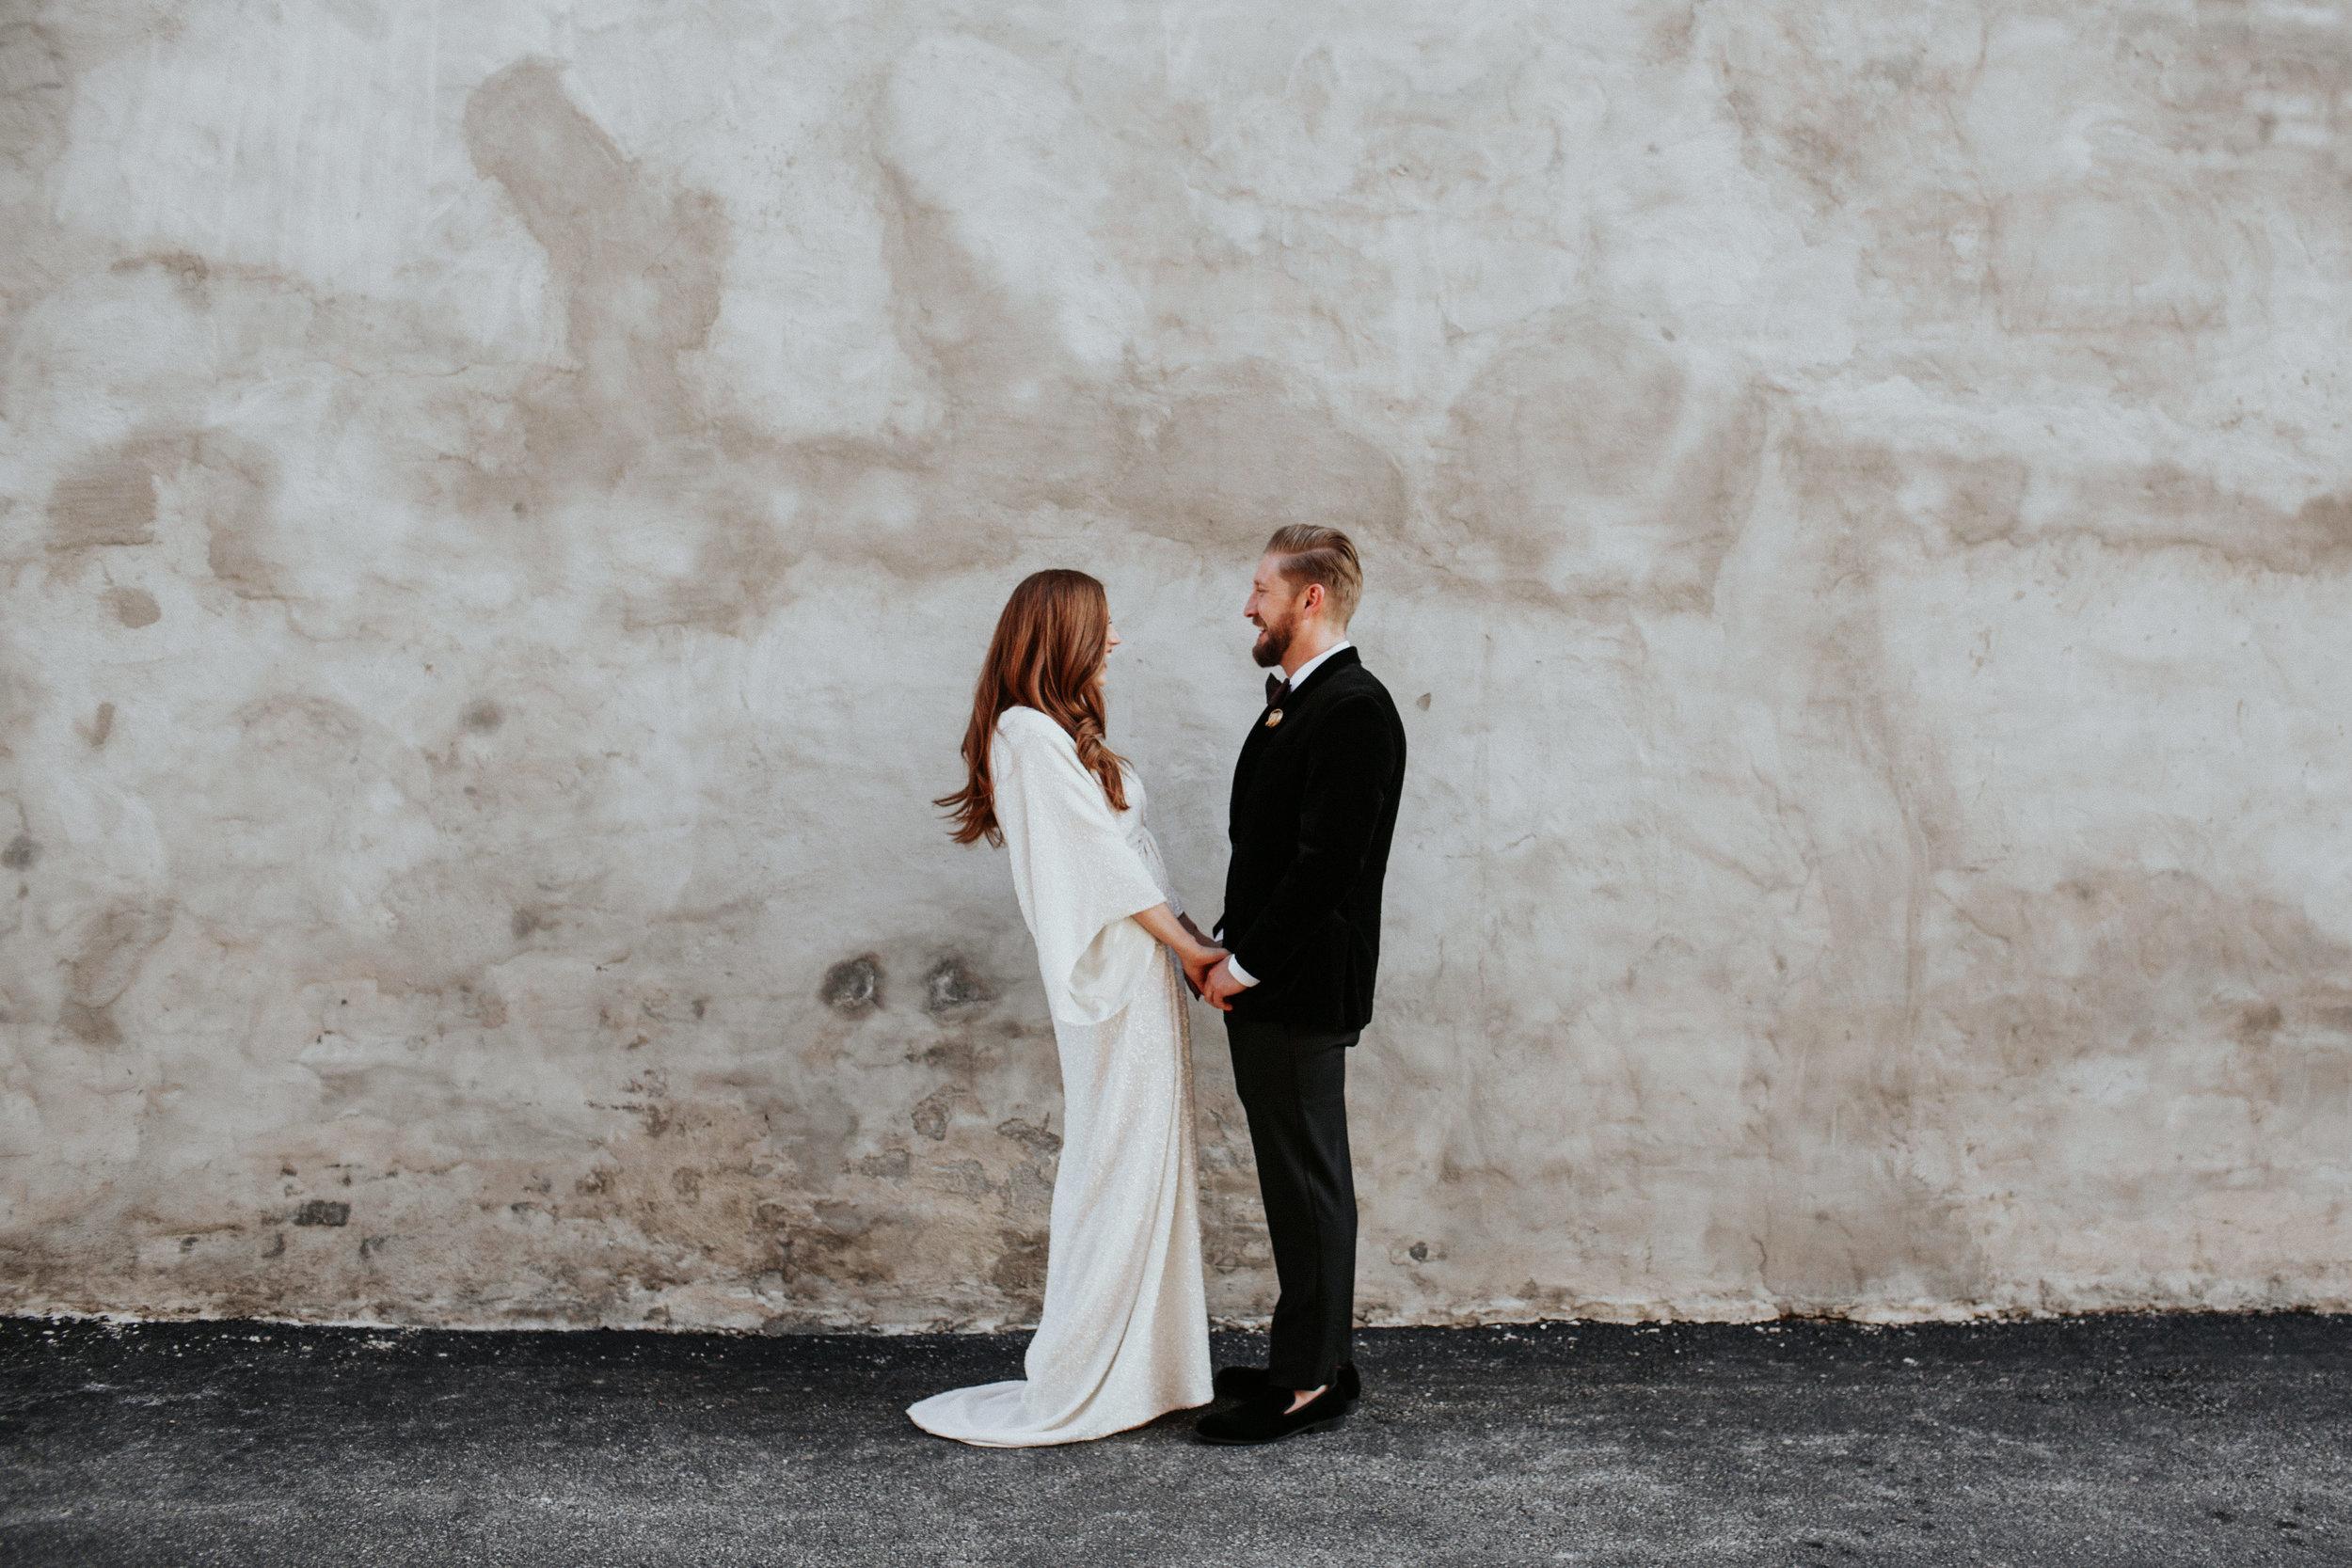 edgy boho wedding photography illinois